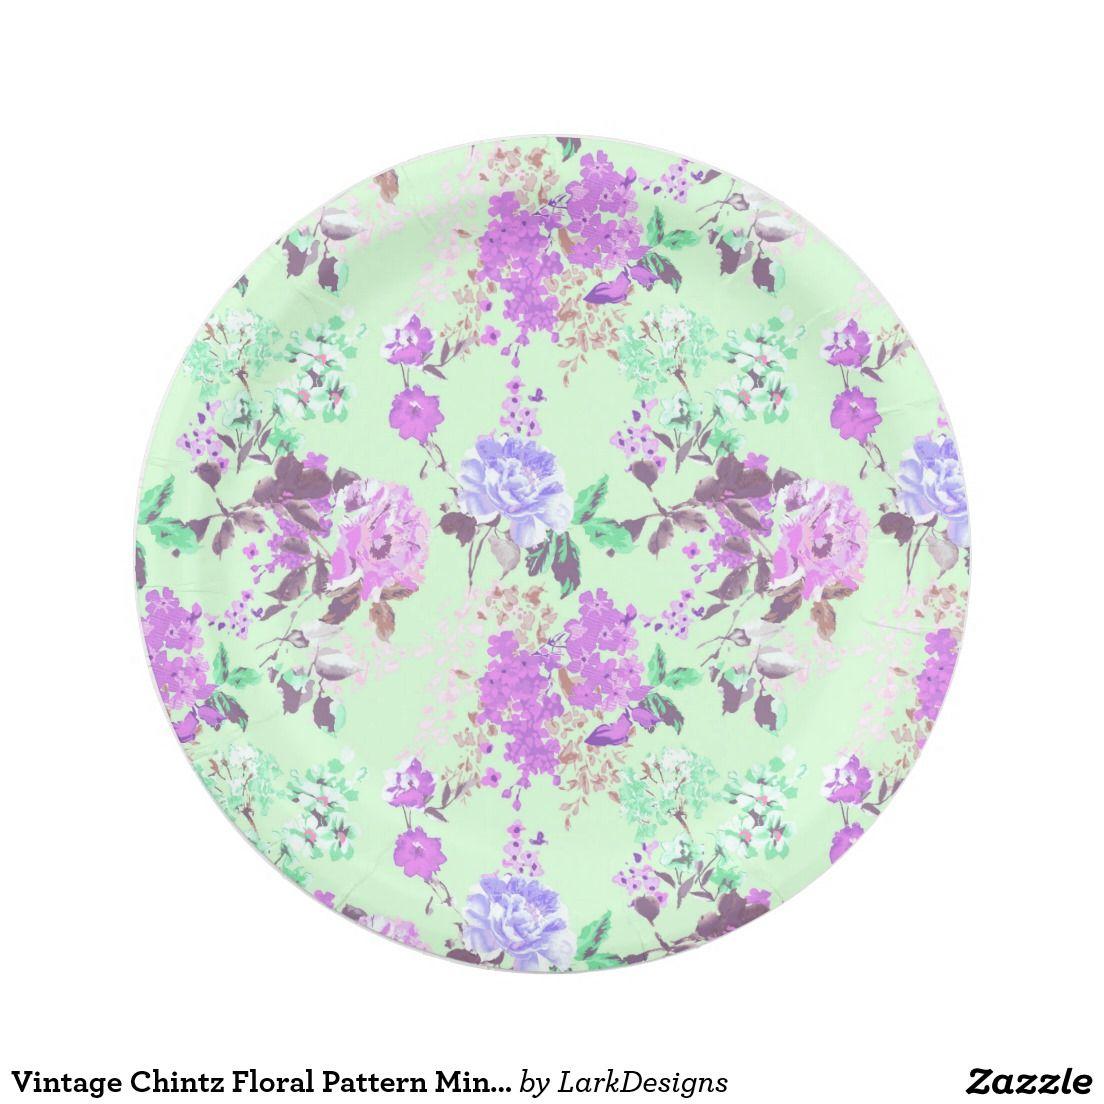 Vintage Chintz Floral Pattern Mint Green Purple Paper Plate  sc 1 st  Pinterest & Chintz Floral Pattern Mint Green Purple Paper Plate